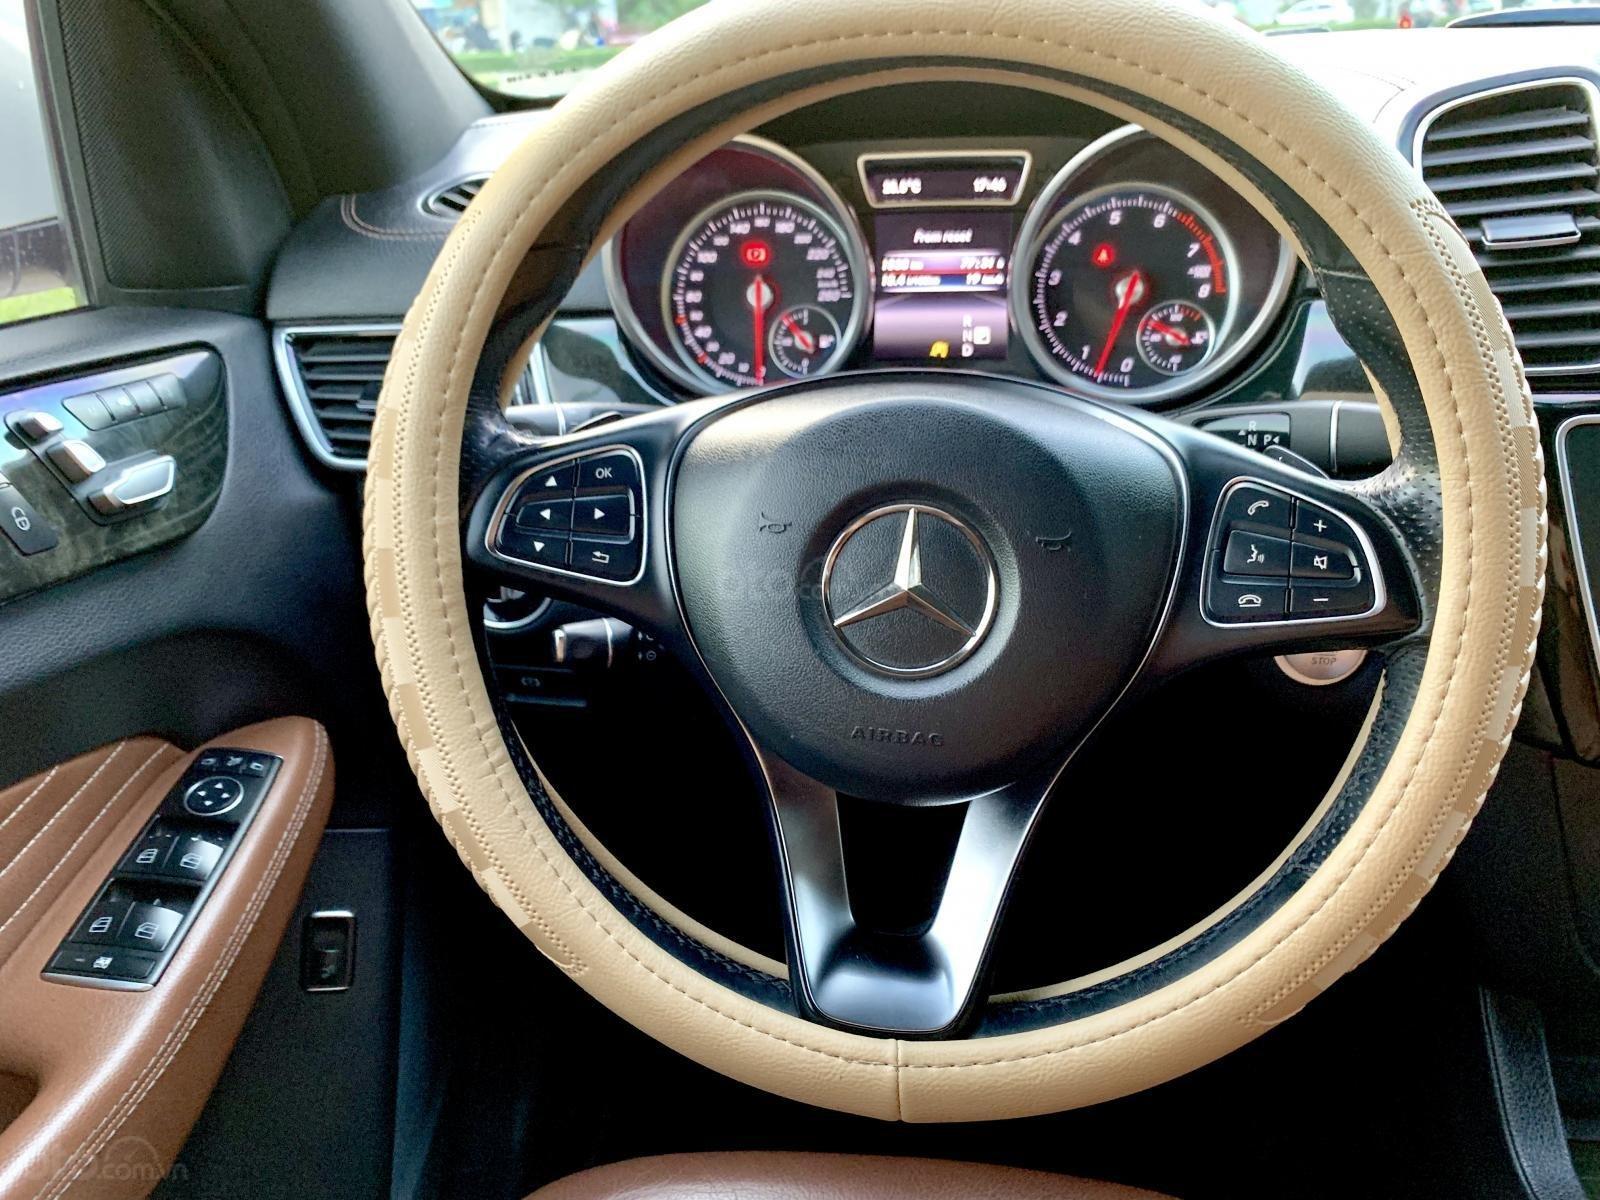 Mercedes GLE400 4Matic, ĐK 2016, hàng Coupe full cao cấp, đủ đồ chơi camera-11